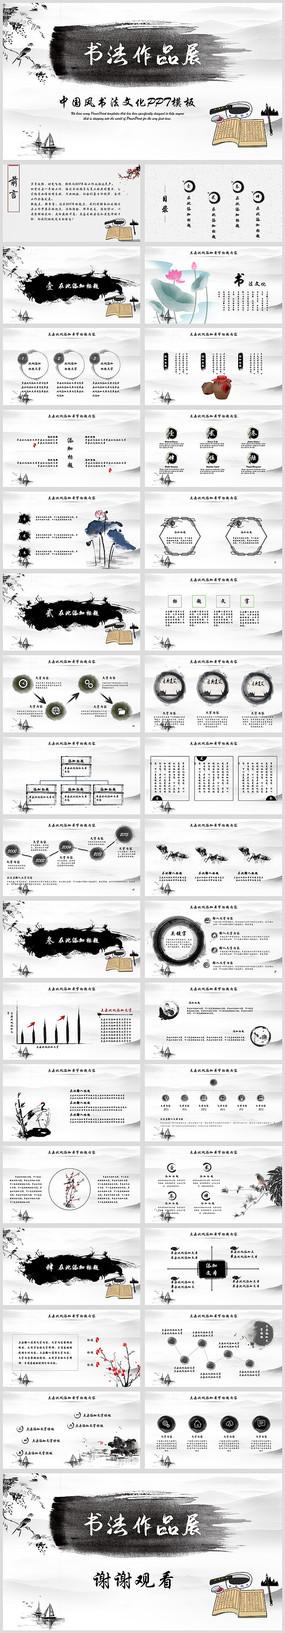 中国风动态古典水墨书法PPT模板